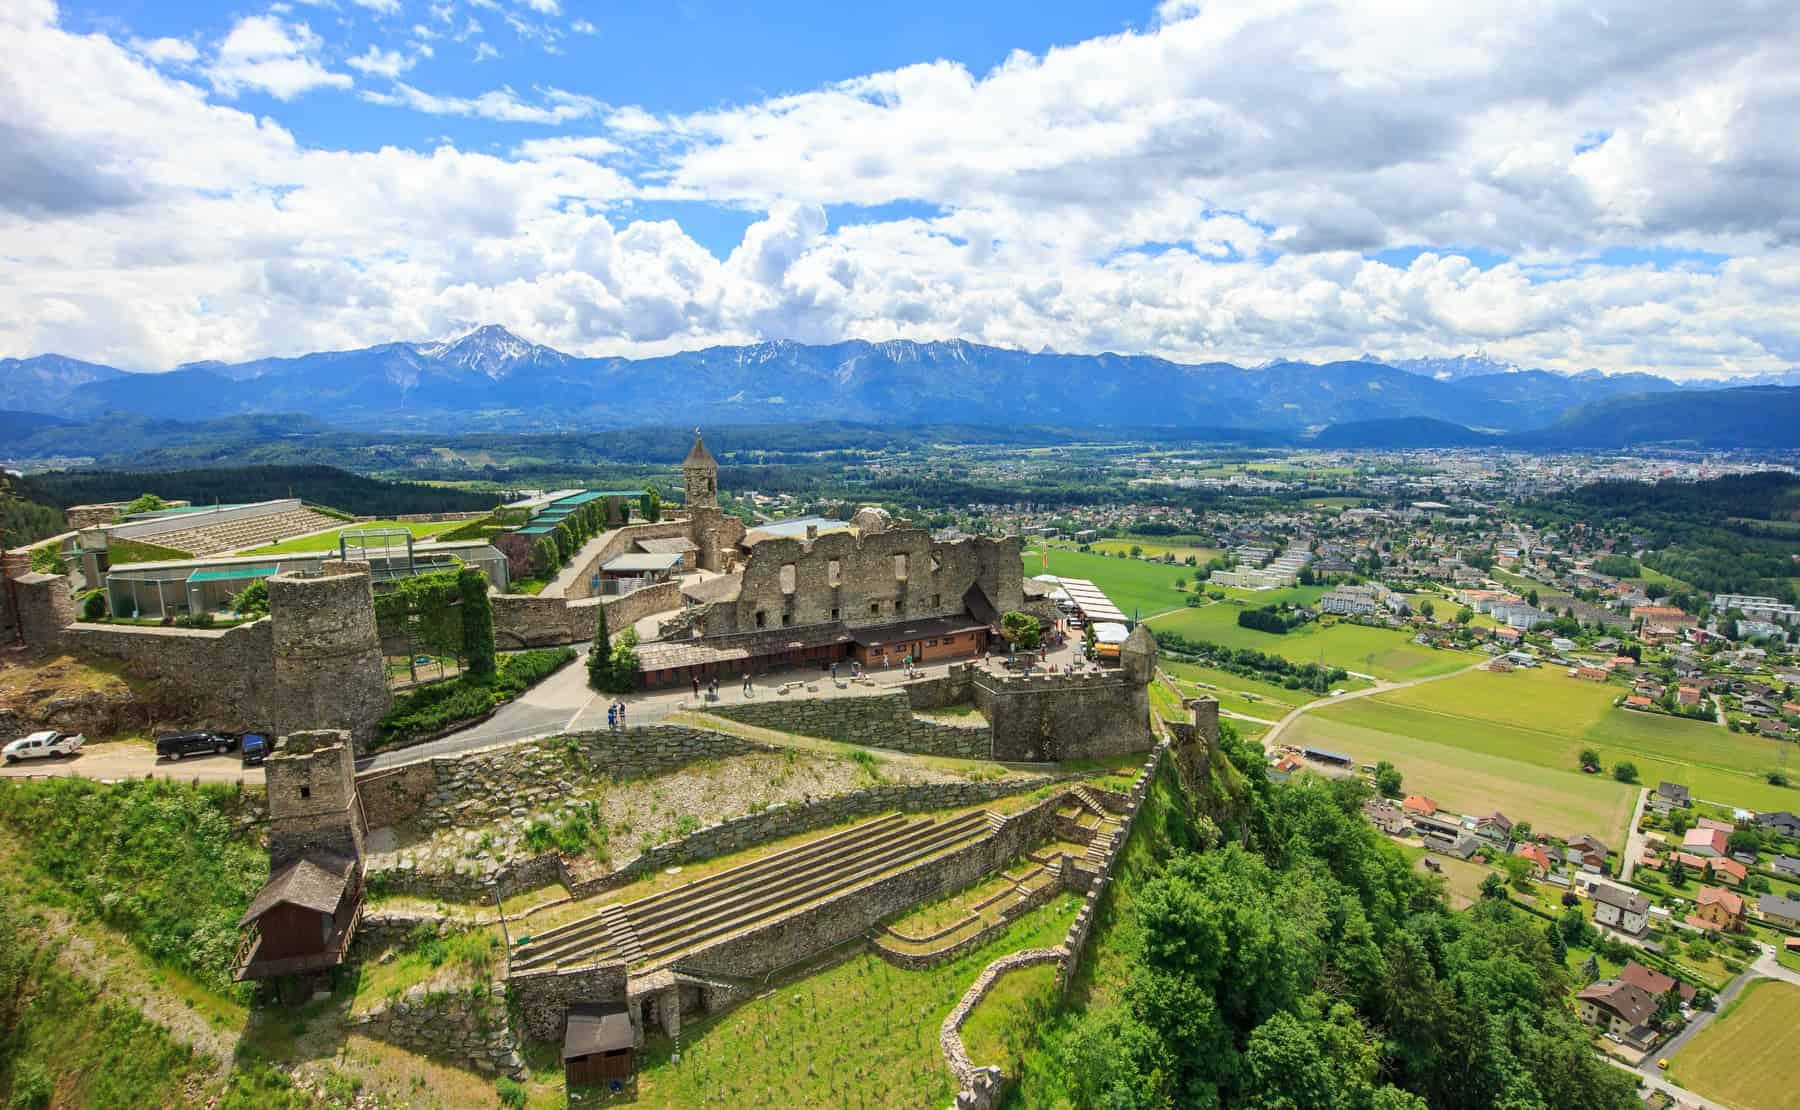 Burg Landskron - Region Villach in Kärnten, Österreich. Blick auf Karawanken, Mittagskogel & Julische Alpen. Auf Burg die Arena, wo Adlershows stattfinden.